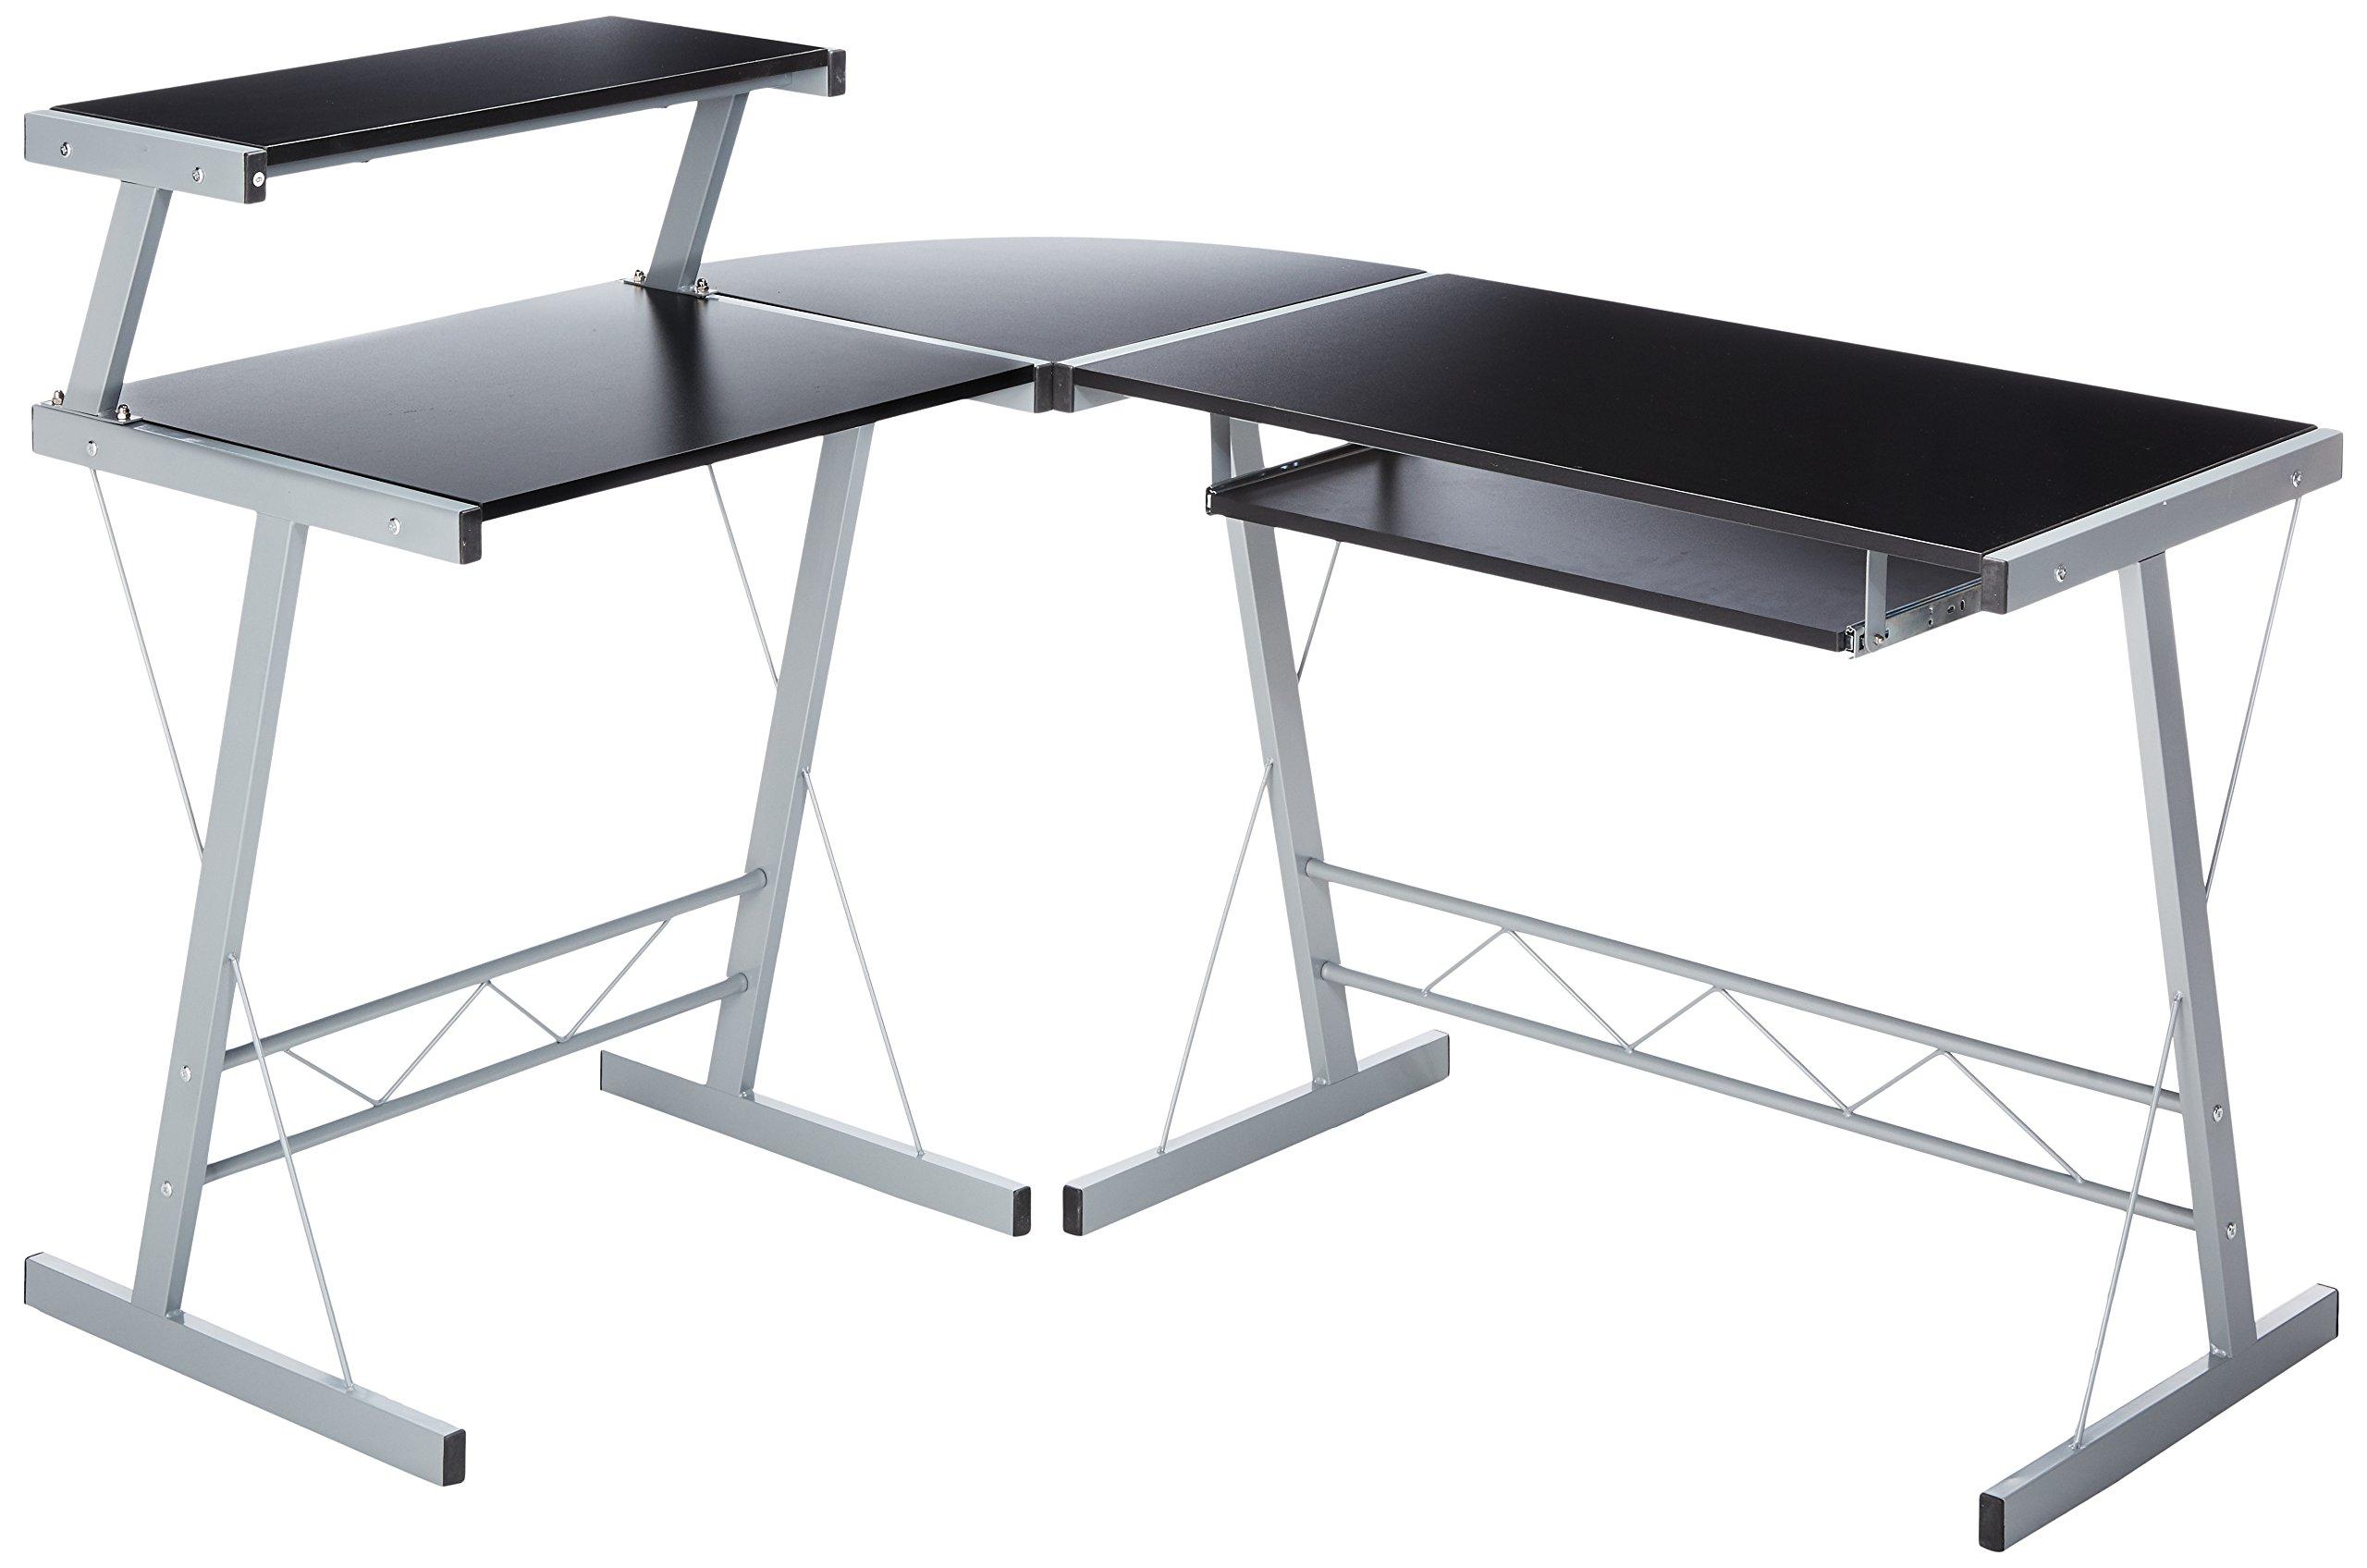 bhg l shape computer desk black ebay. Black Bedroom Furniture Sets. Home Design Ideas